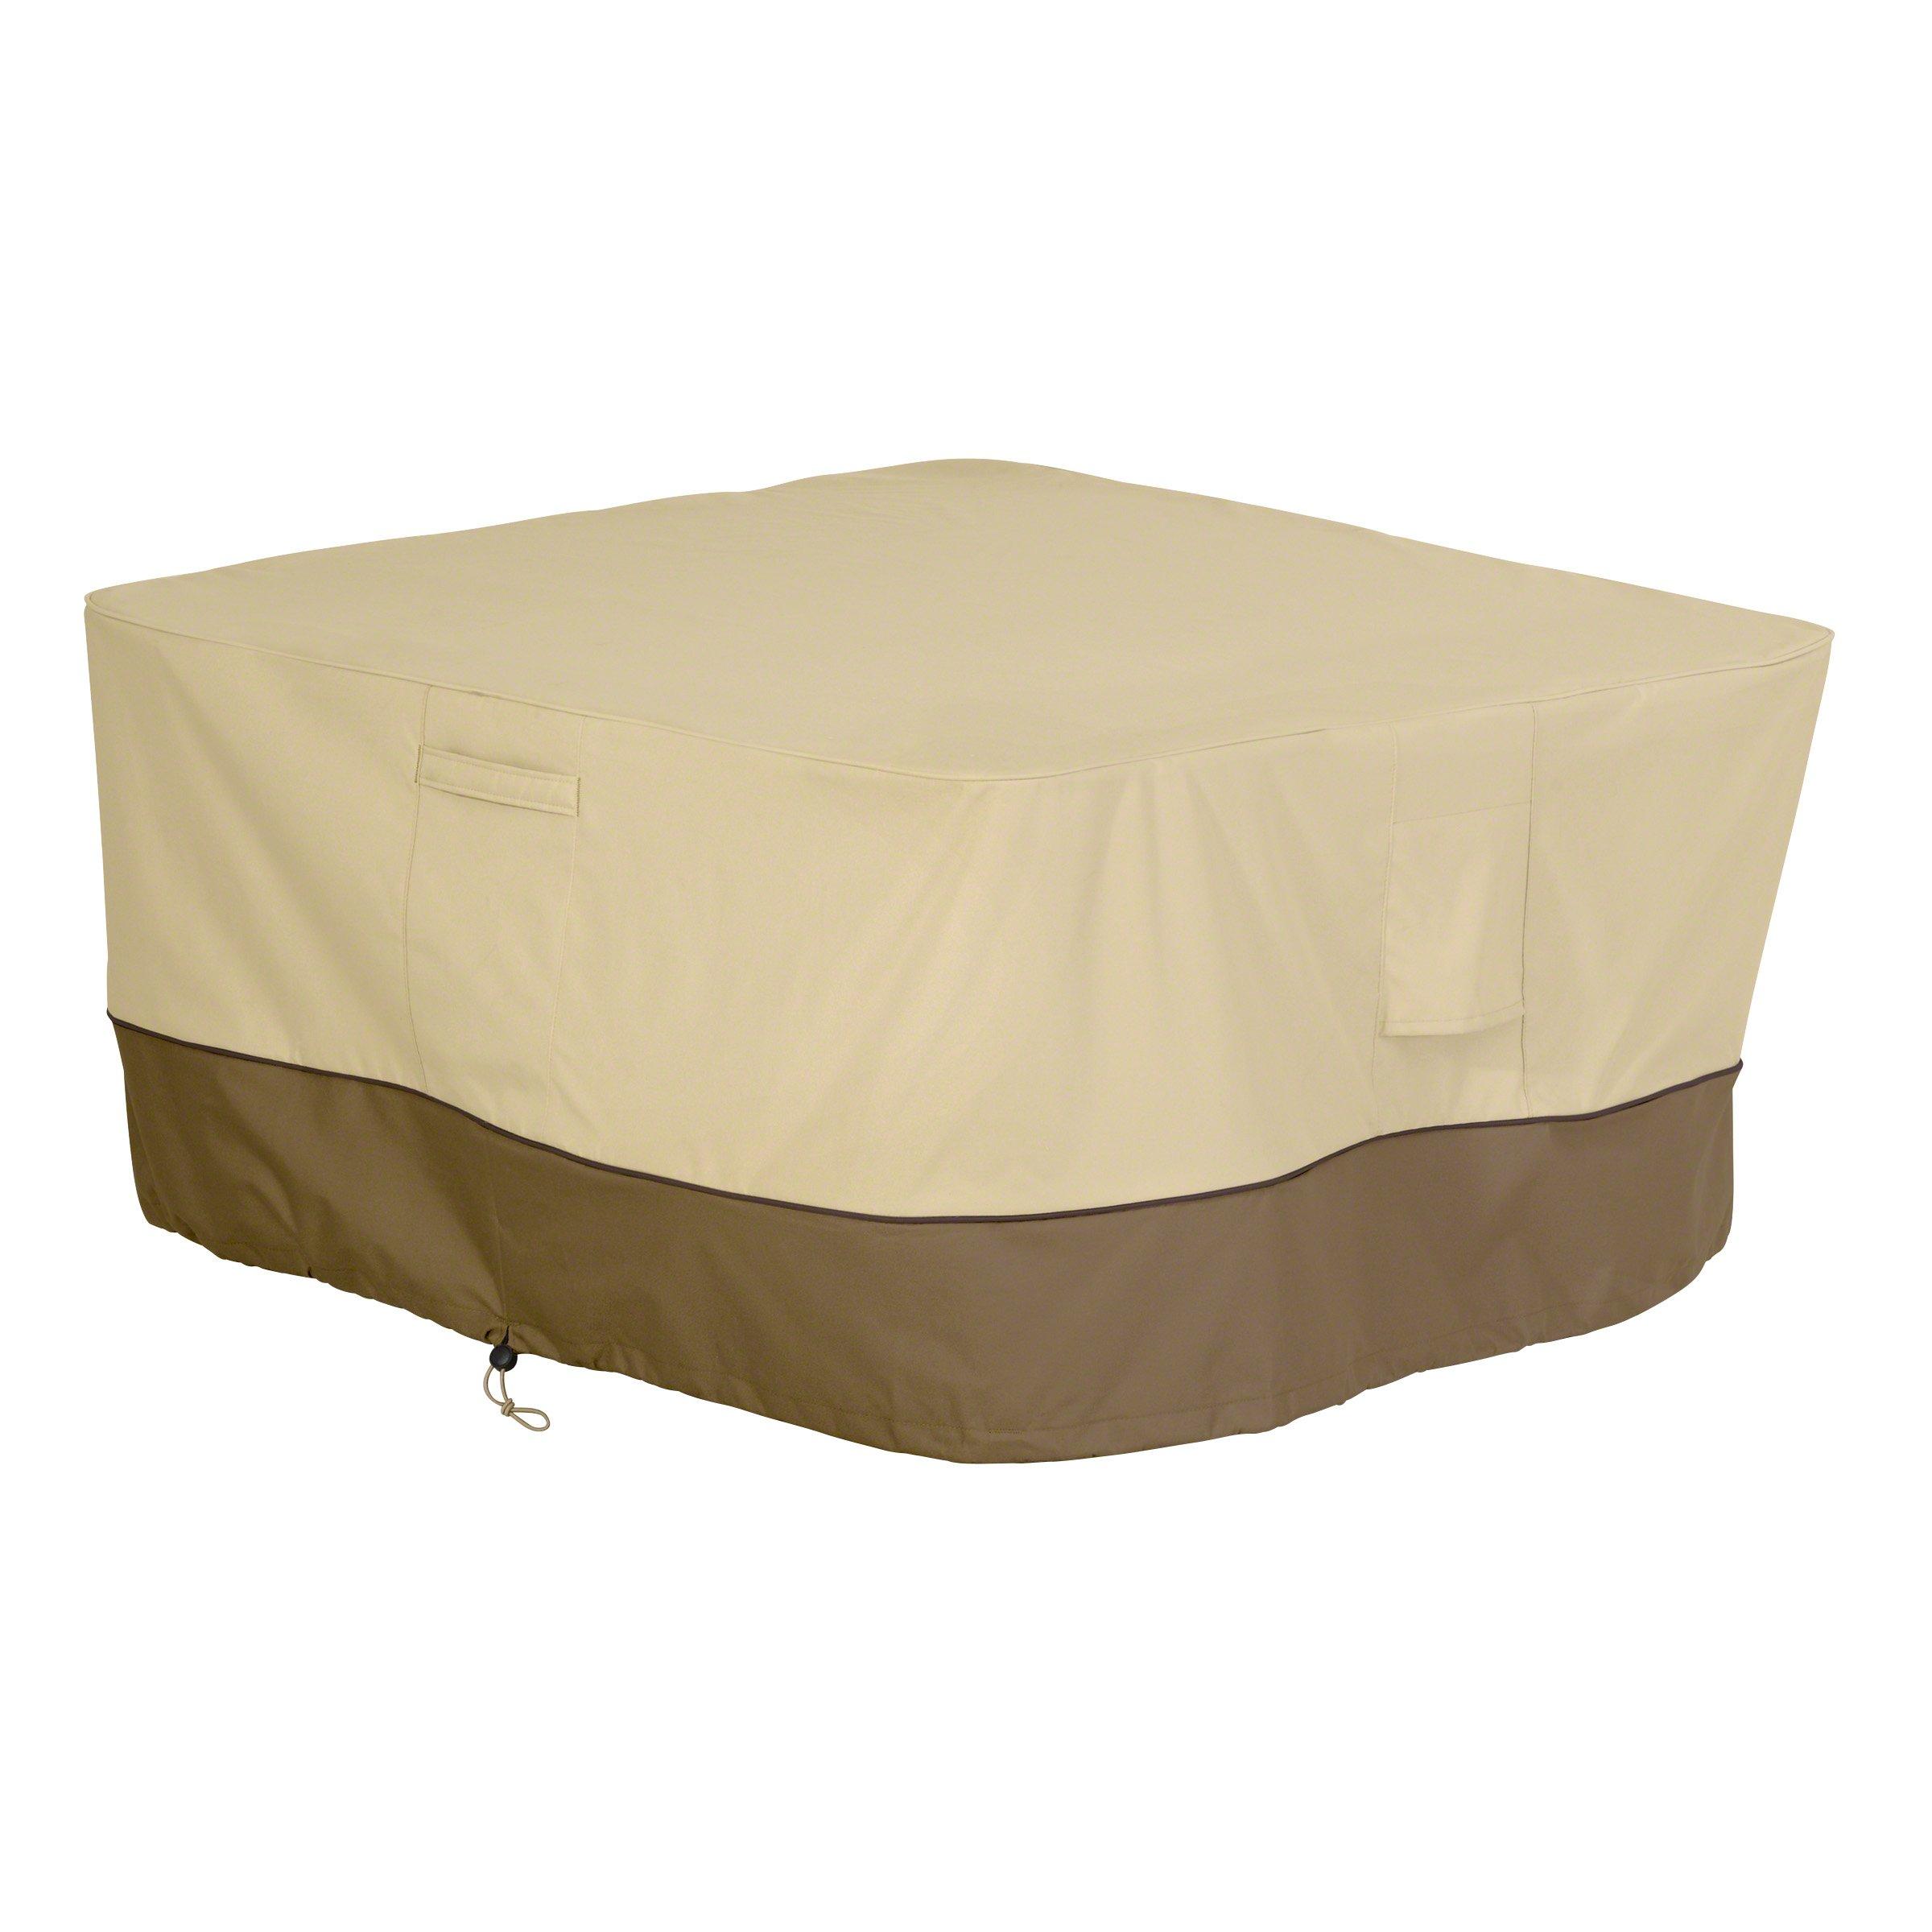 Classic Accessories 55-407-011501-00 Veranda Square Fire Pit/Table Cover, 42-Inch